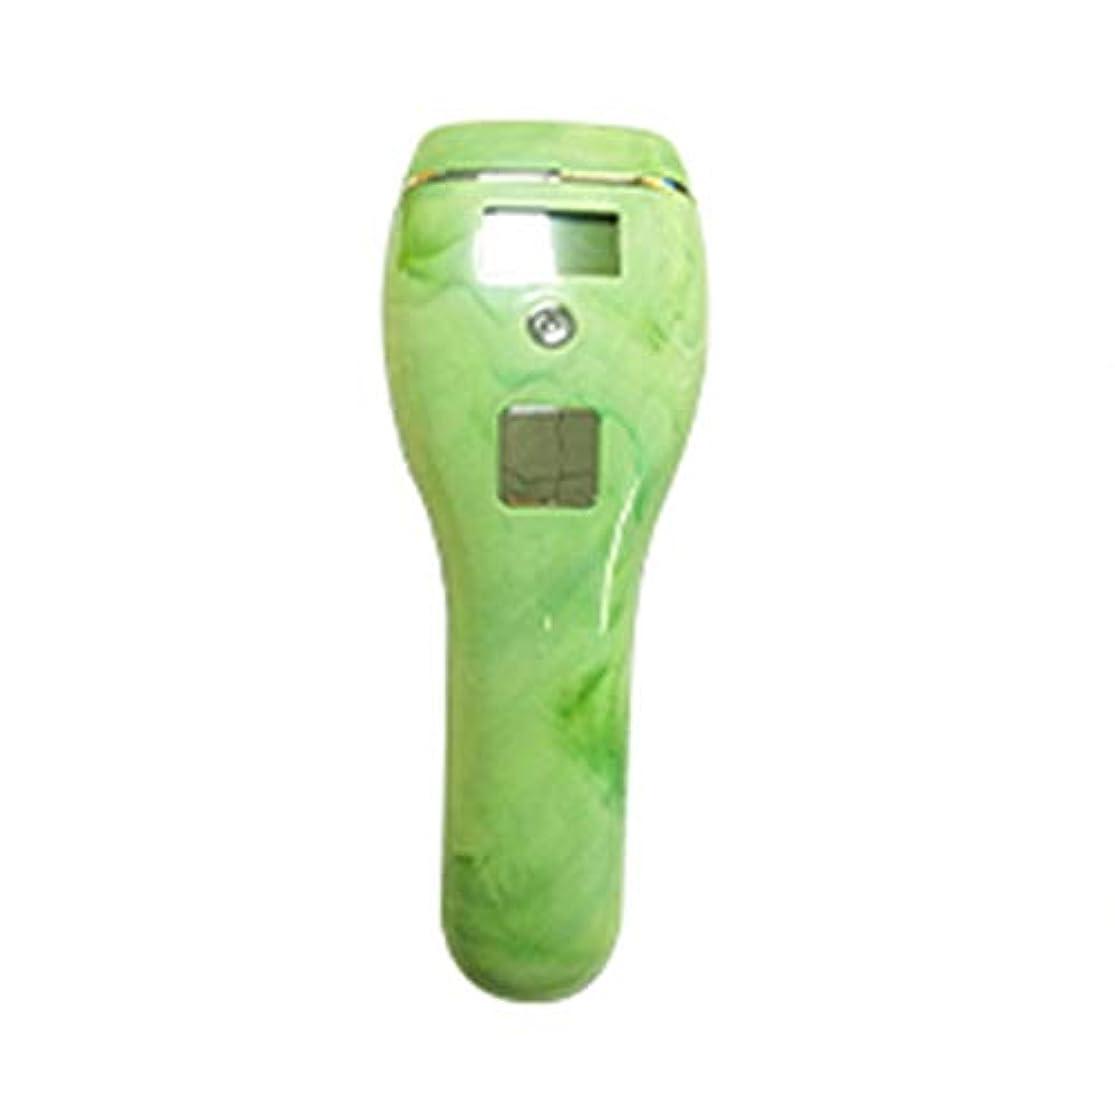 続編スカルク矢印高男 自動皮膚感知グリーン、5スピード調整、石英管、ポータブル無痛全身凍結脱毛器、サイズ19x7x5cm (Color : Green)